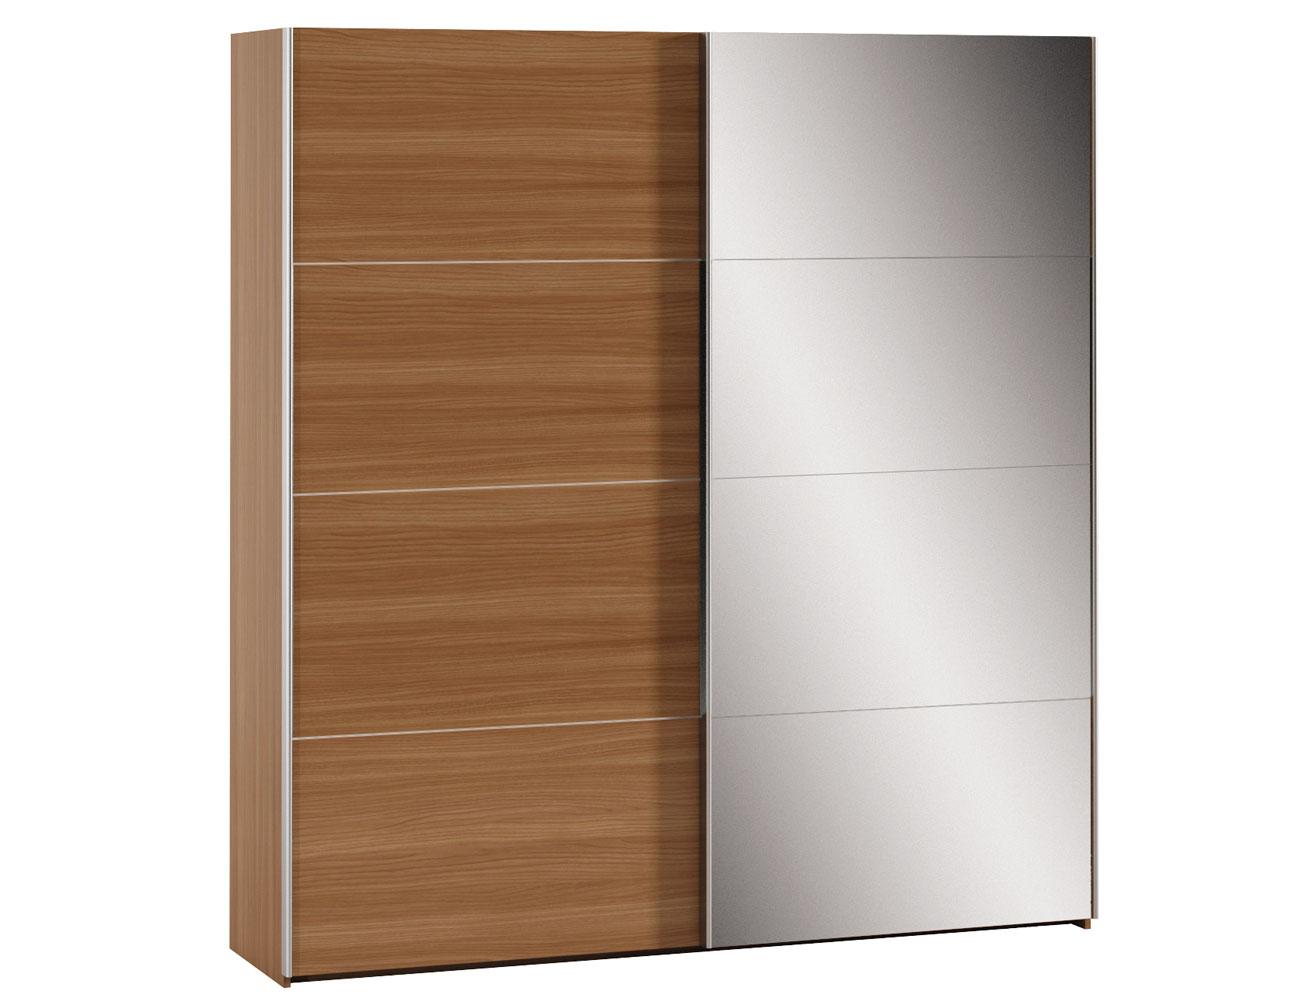 Dk 60 armario 2p correderas nogal espejo5